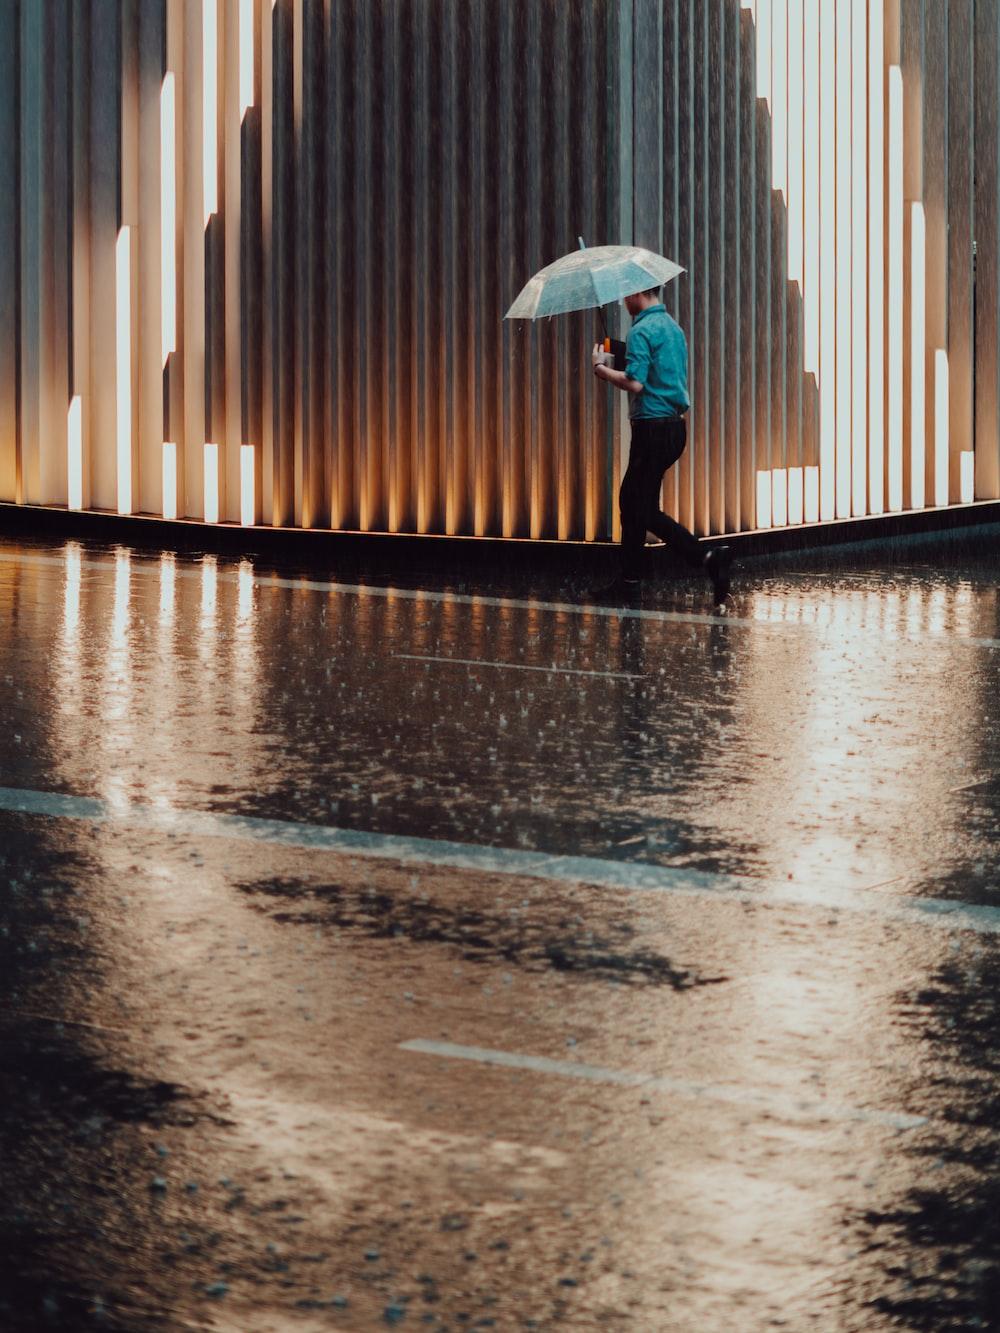 man holding umbrella while walking beside street